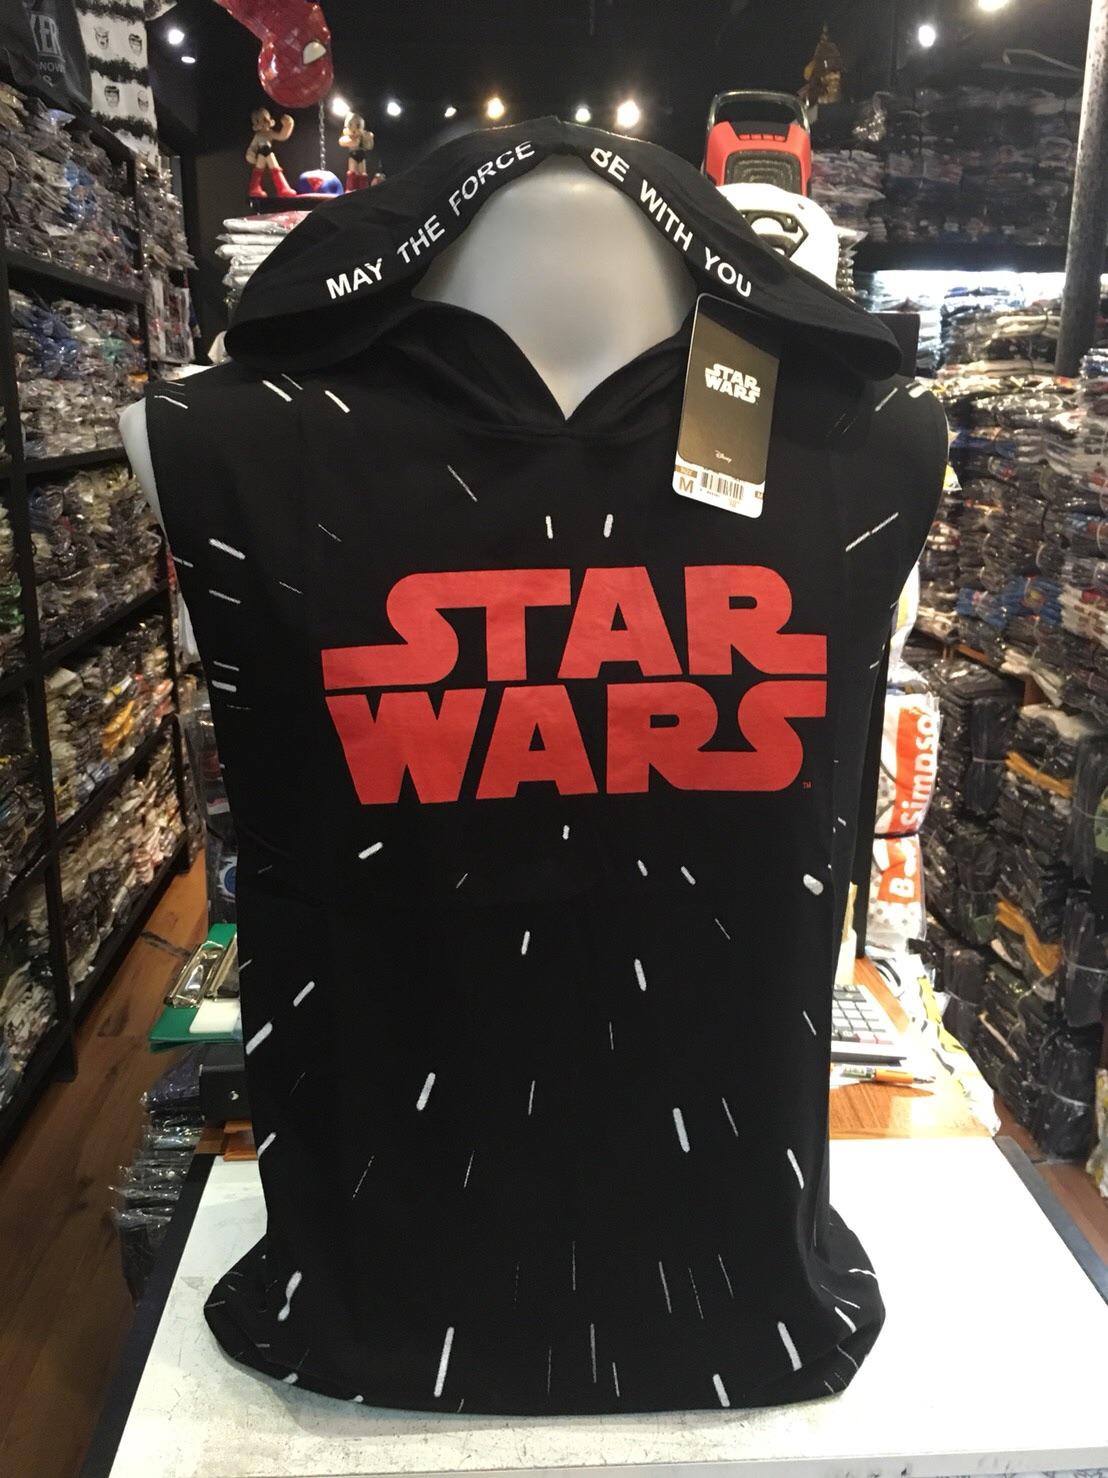 สตาร์วอร์ แขนกุด-ฮู้ด (Starwars space (แขนกุด-ฮู้ด))